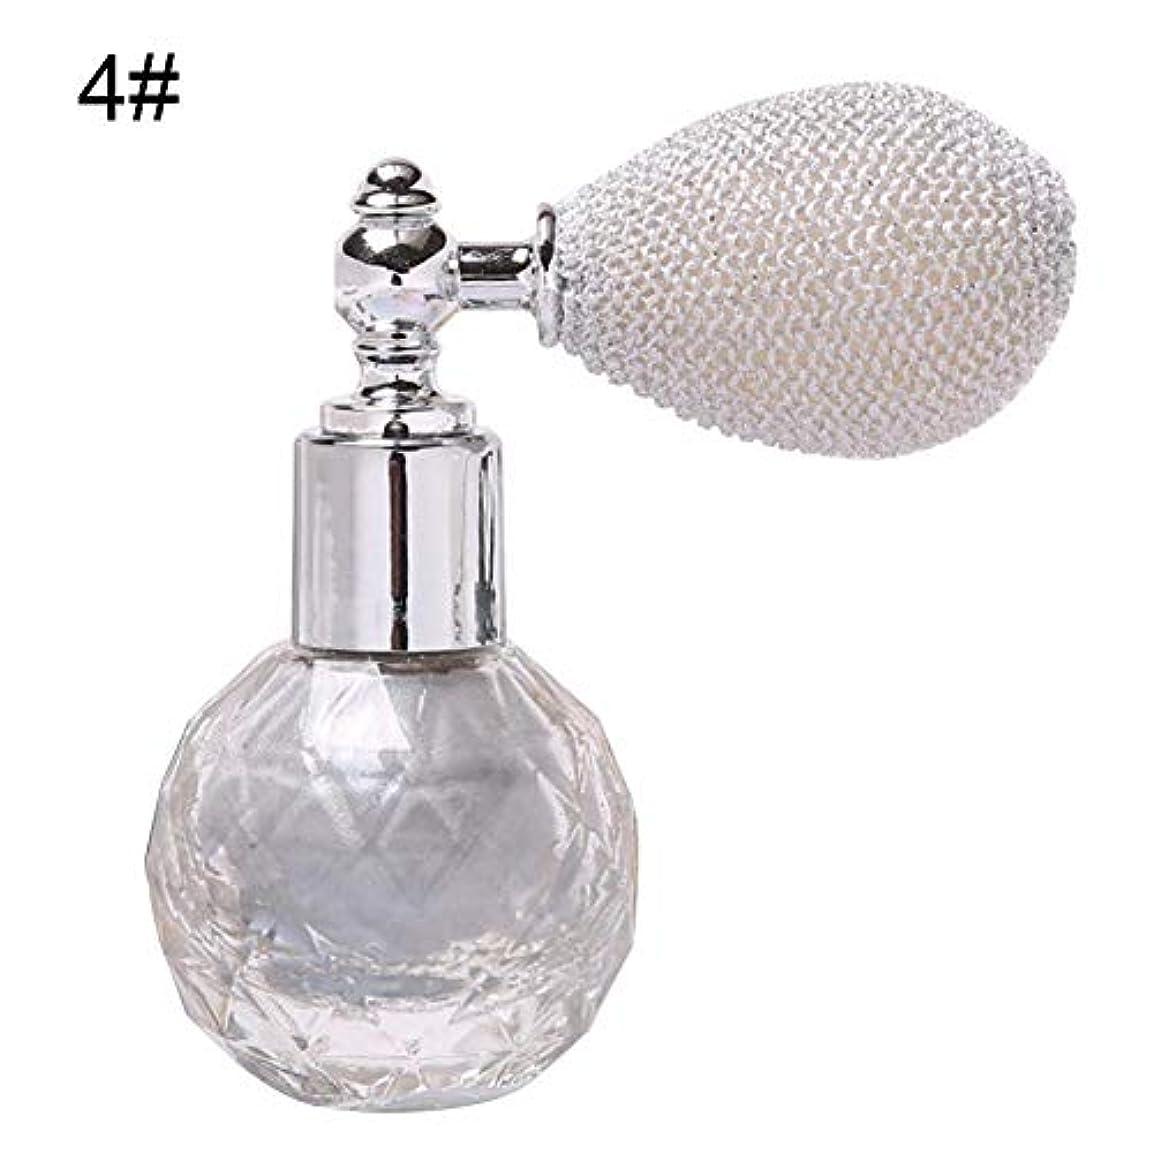 発明する隣人控えめなガラスボトル香水瓶 アトマイザー ポンプ式 香水瓶 クリア星柄ストリームラインデザイン シルバーワインスプレー 100ML ホーム飾り 装飾雑貨